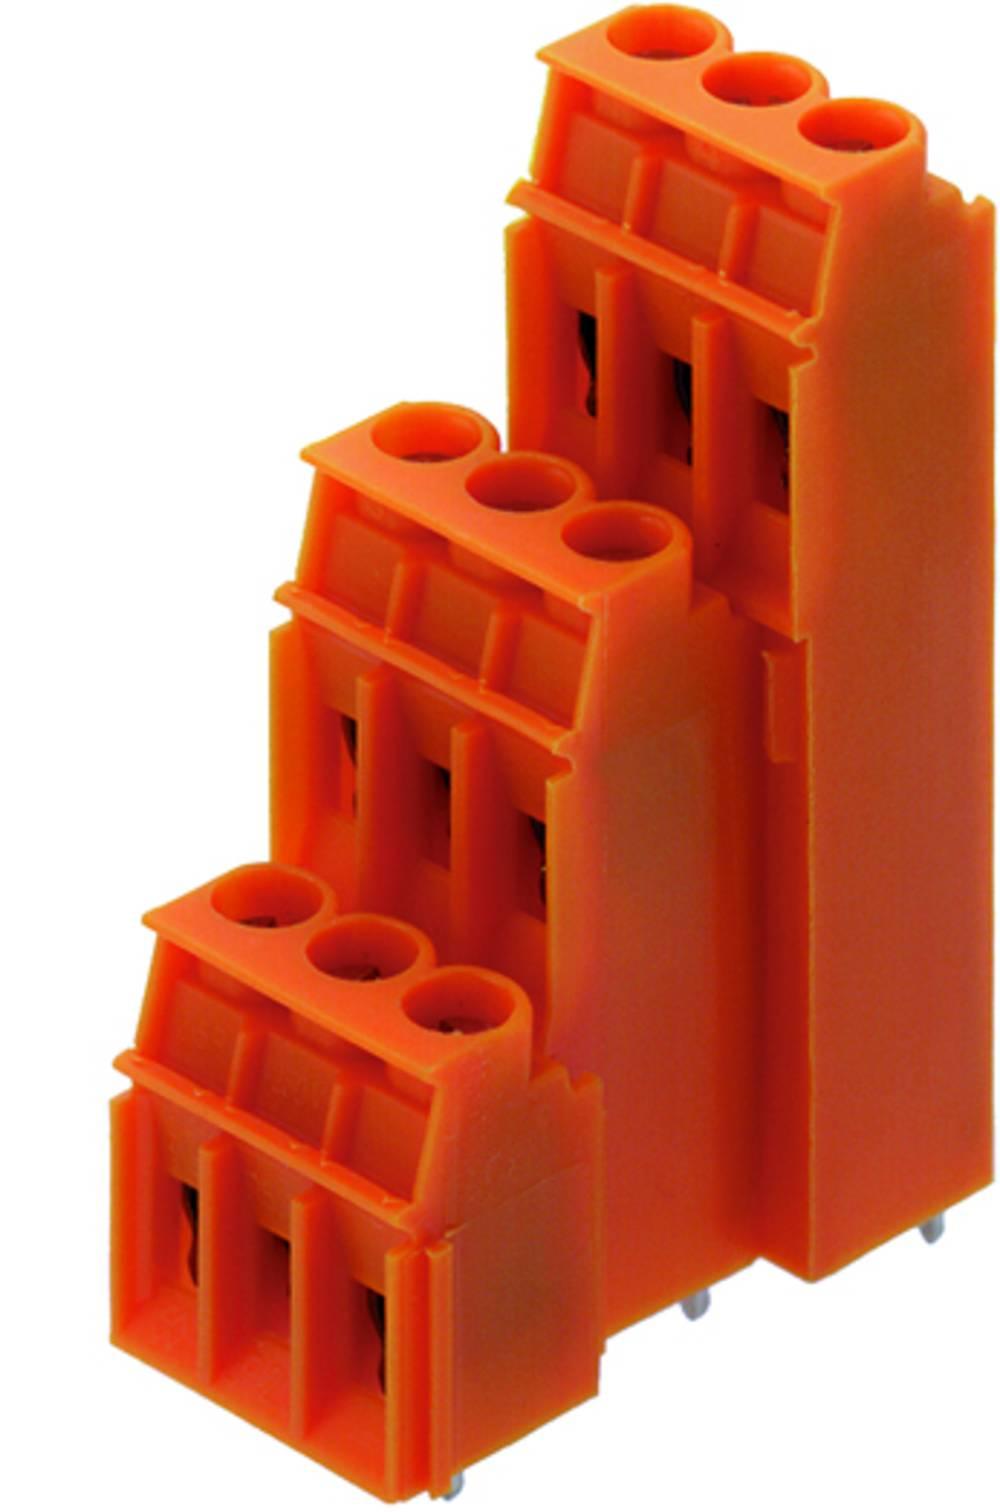 Tre-etagesklemme Weidmüller LP3R 5.08/51/90 3.2SN OR BX 4.00 mm² Poltal 51 Orange 10 stk